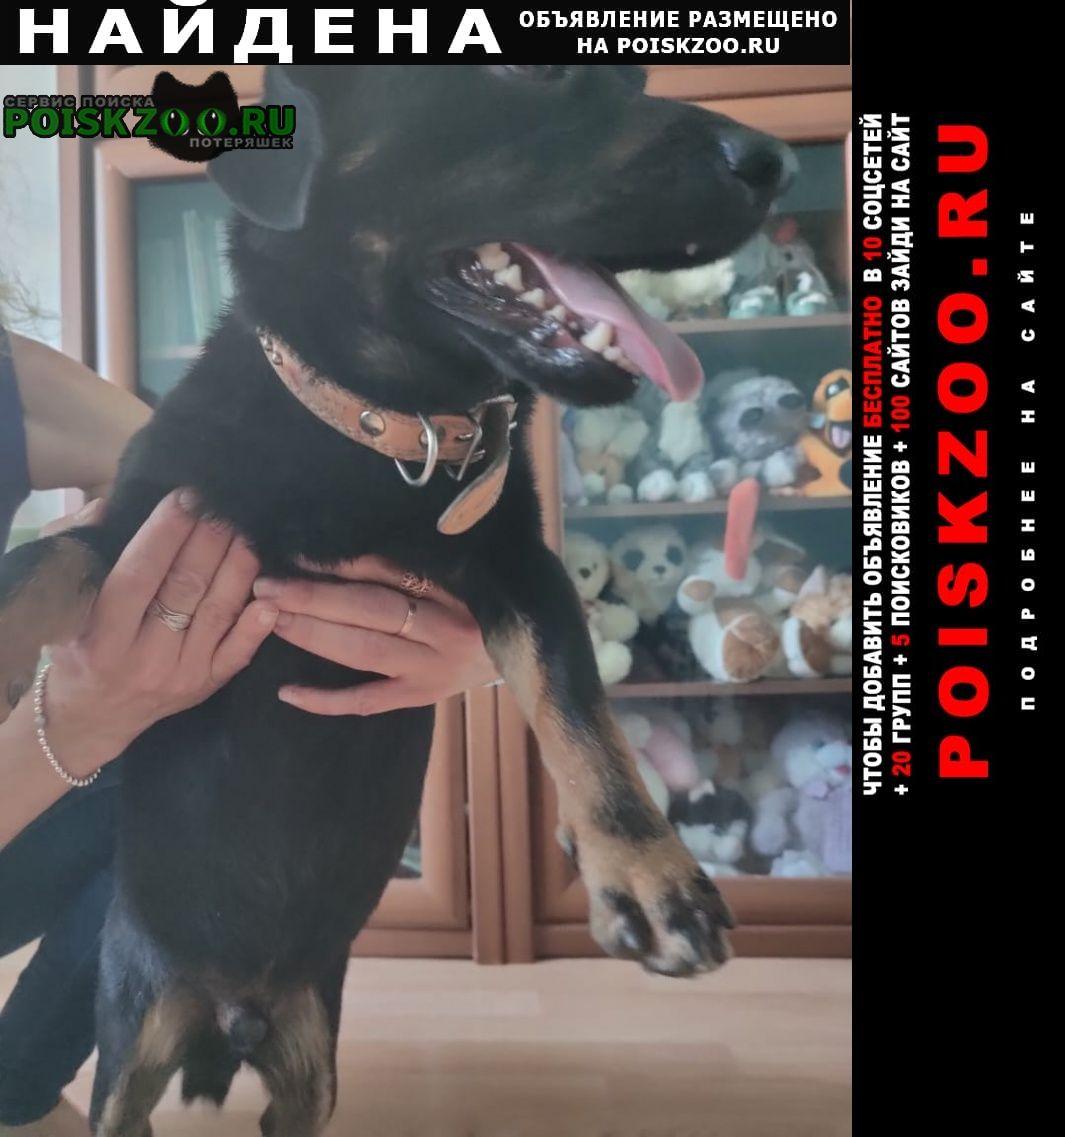 Найдена собака кобель Голицыно (Московская обл.)